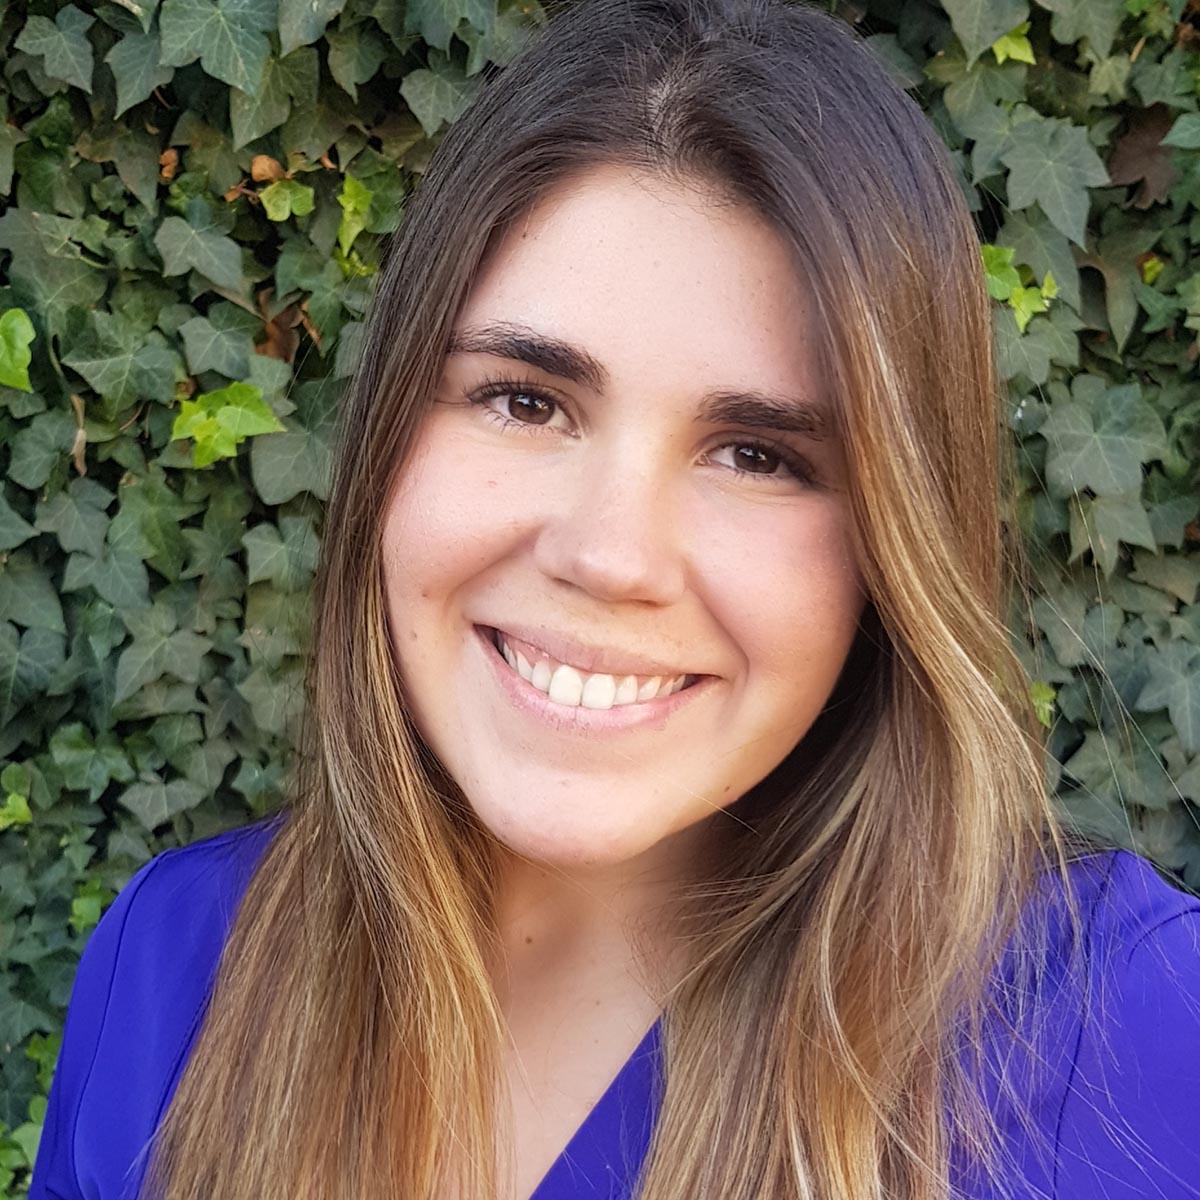 Fotografía de la nutricionista de cammyn, María Jesús Estay. Fondo de ojas verdes